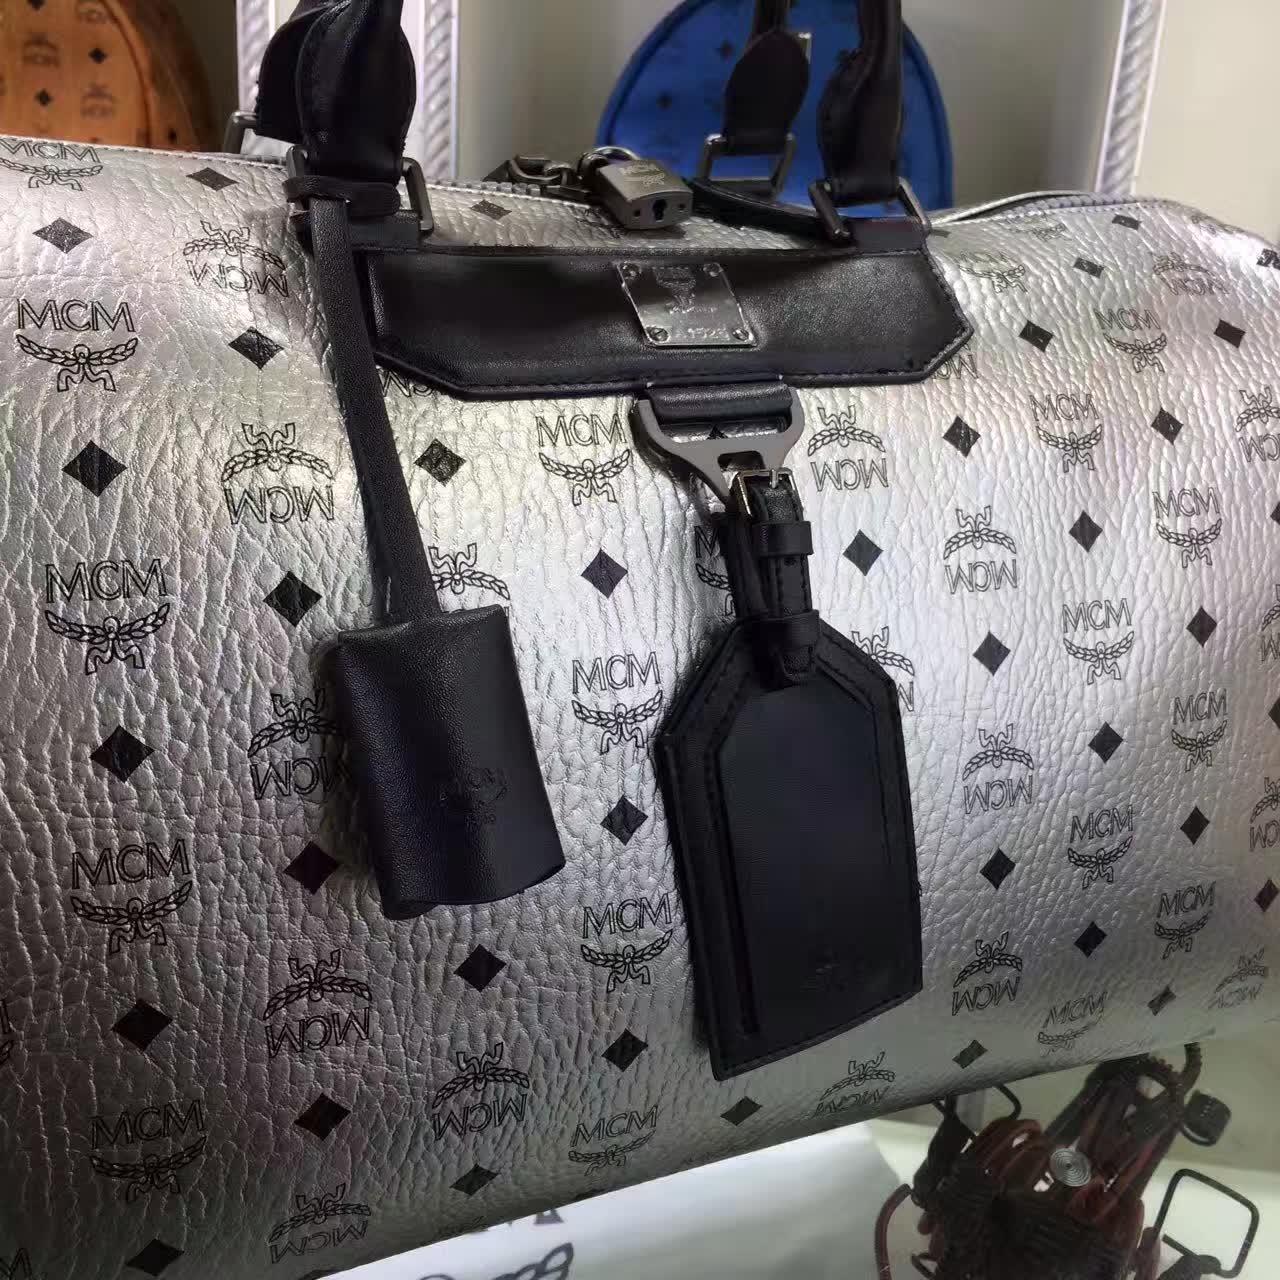 MCM男包 Nomad系列旅行袋 PVC配牛皮内里猪皮 铜牌独立编码 银色